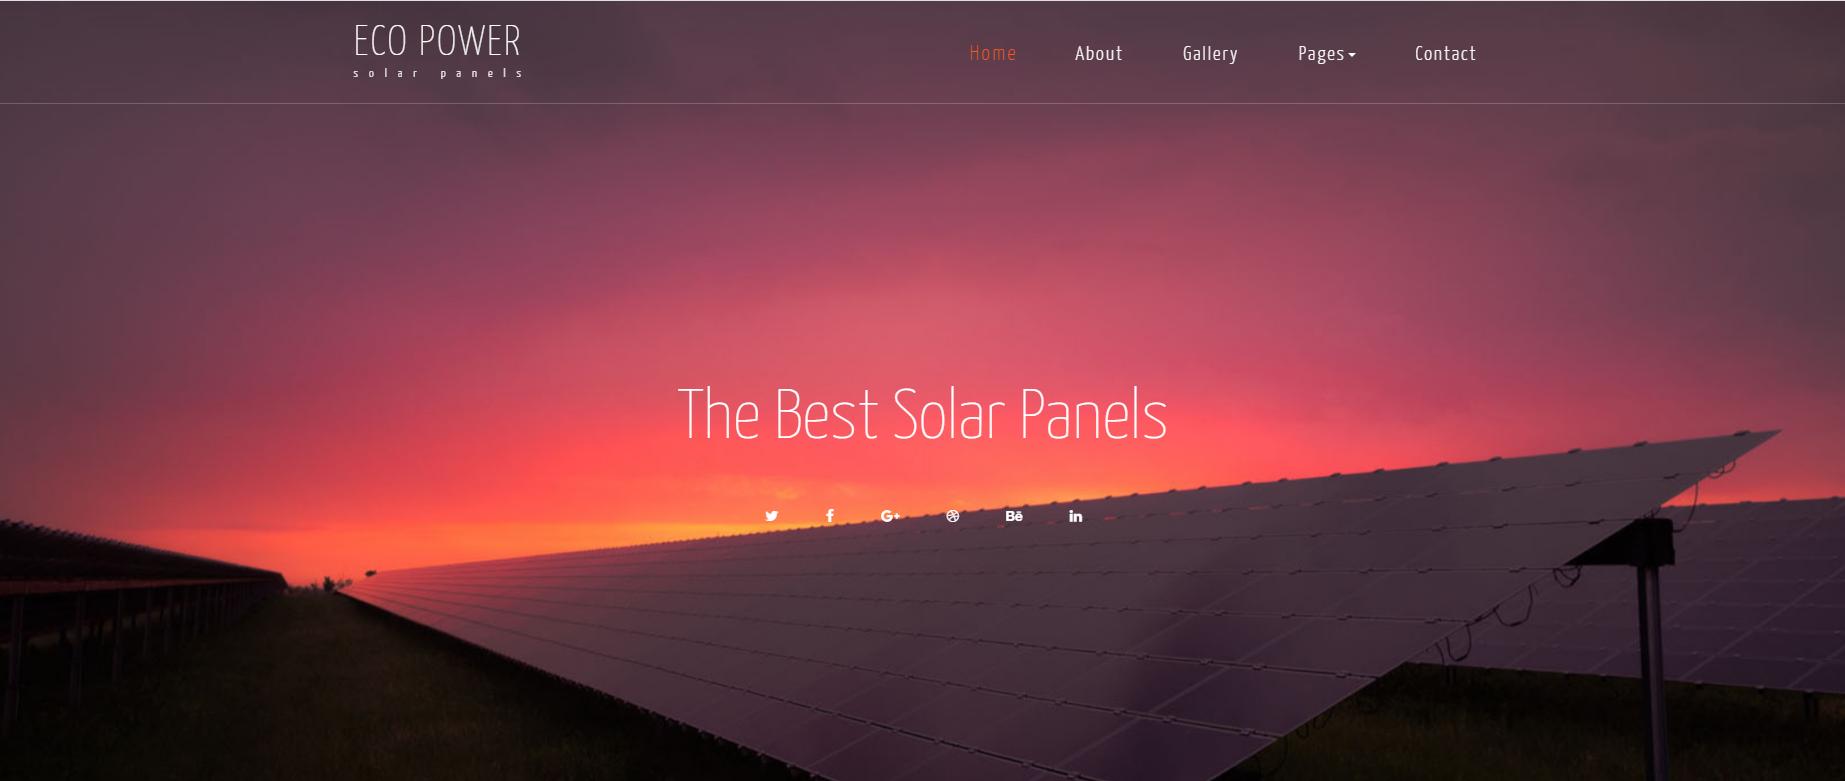 太阳能电池板企业HTML的模板